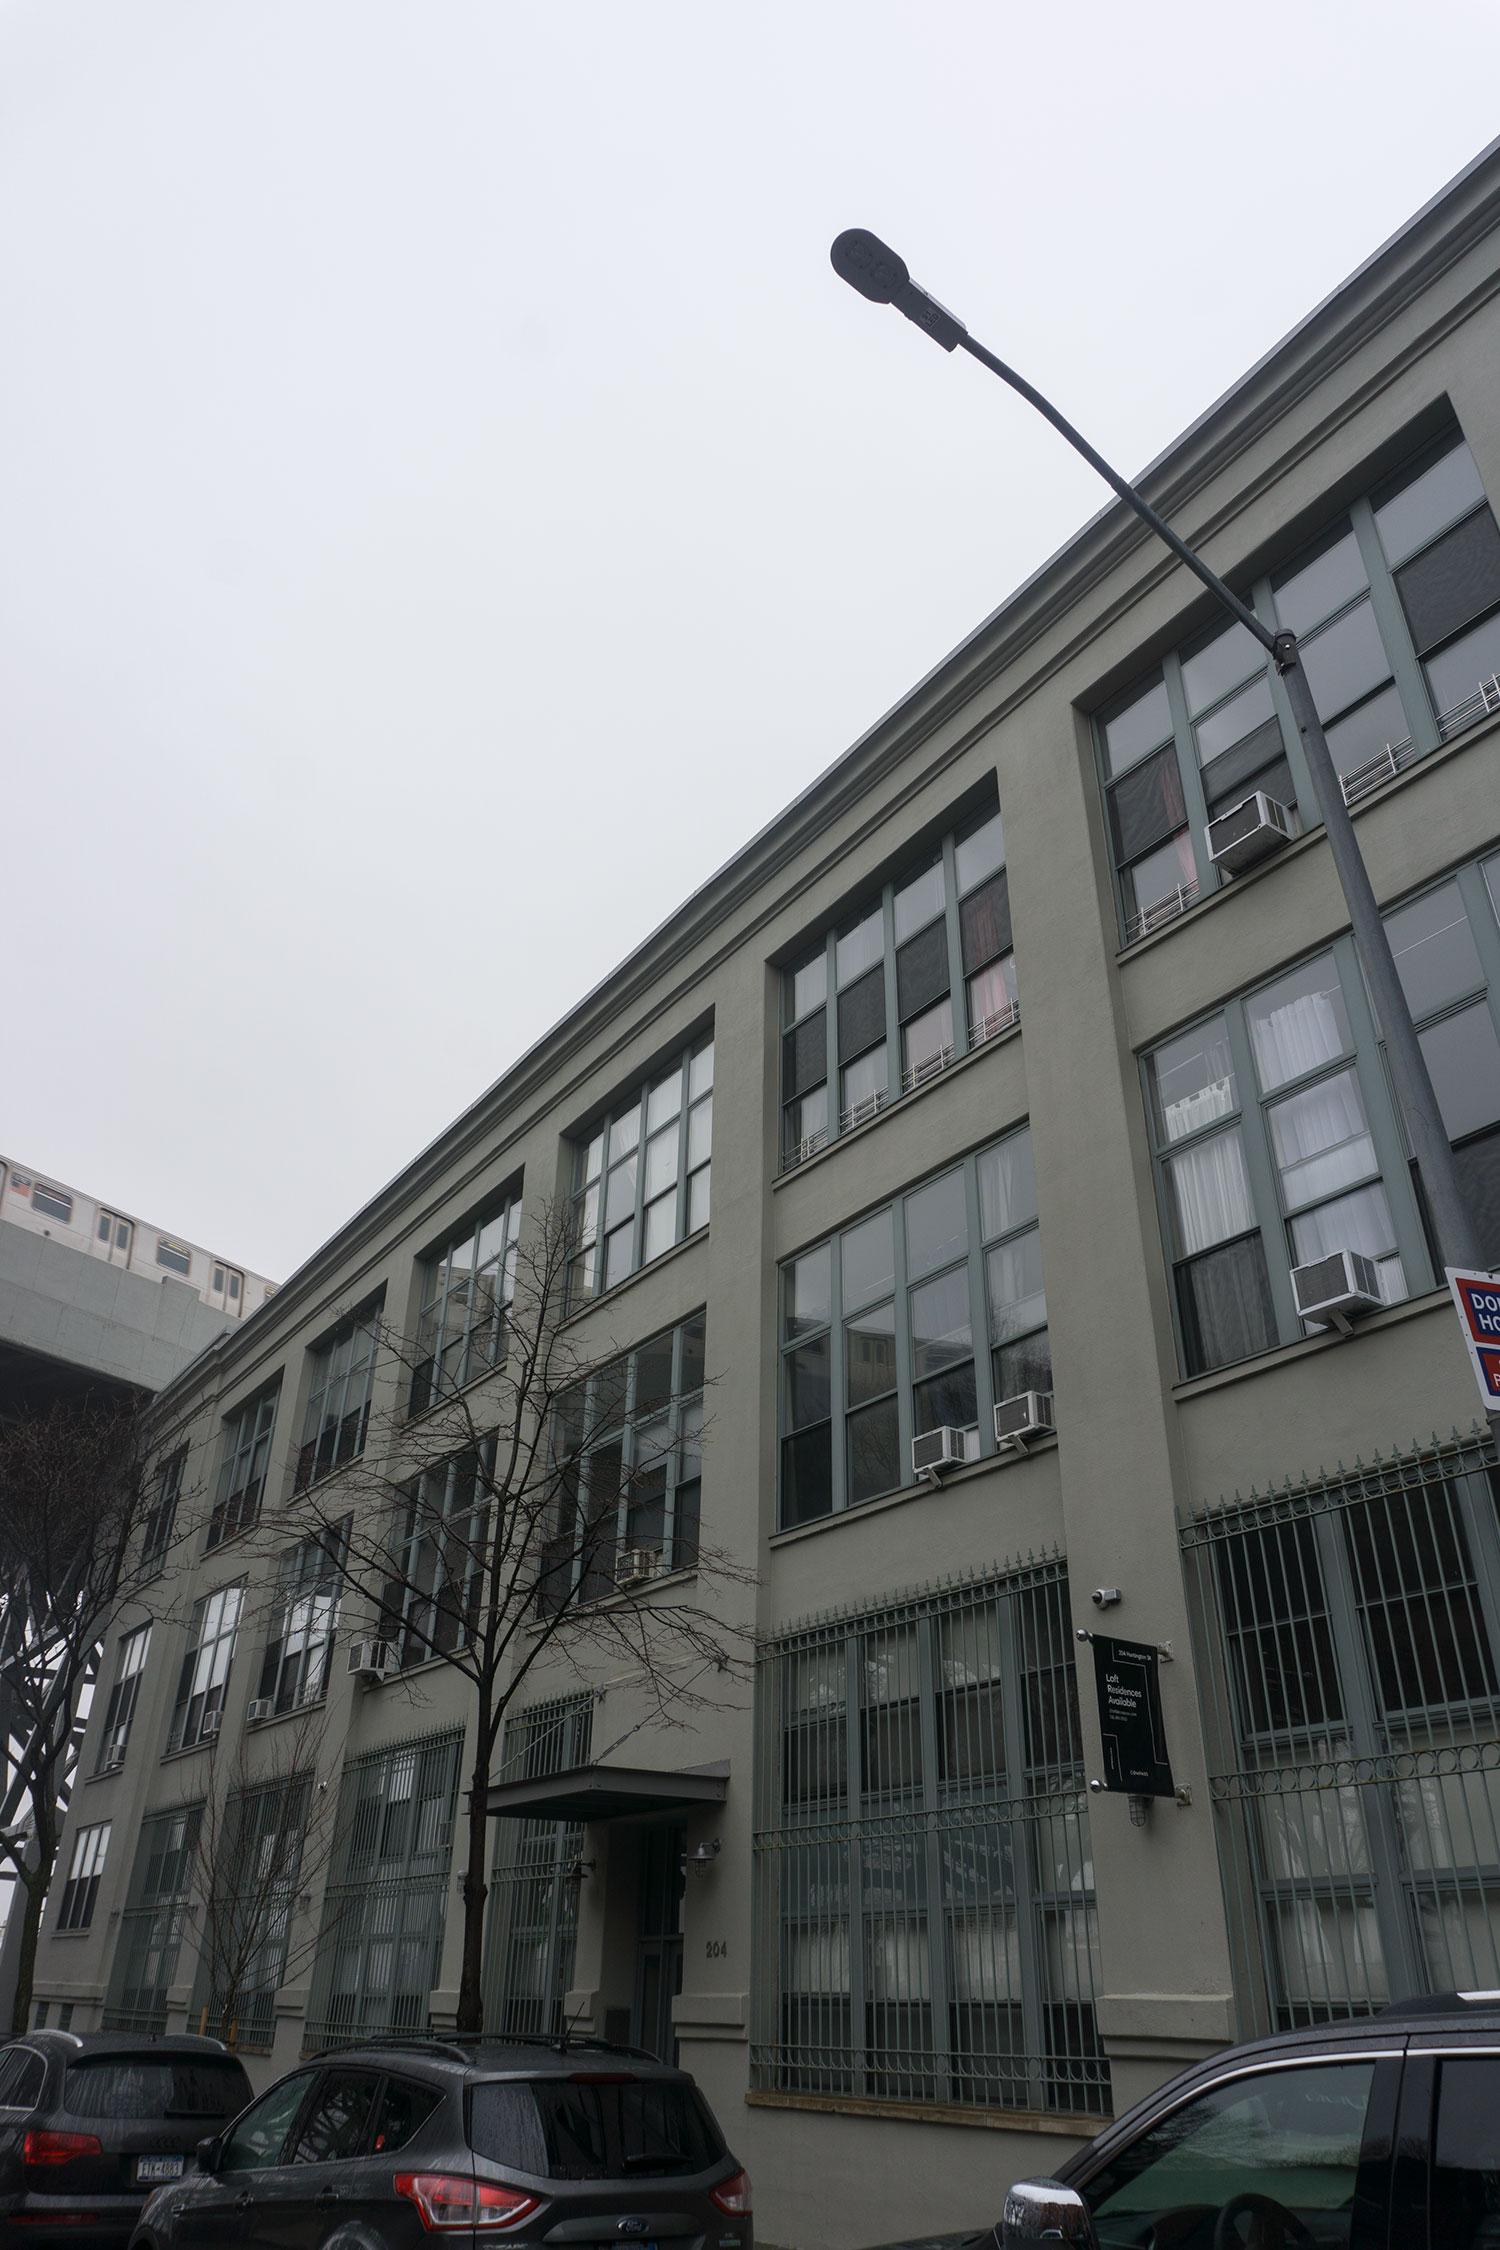 204 huntington street -